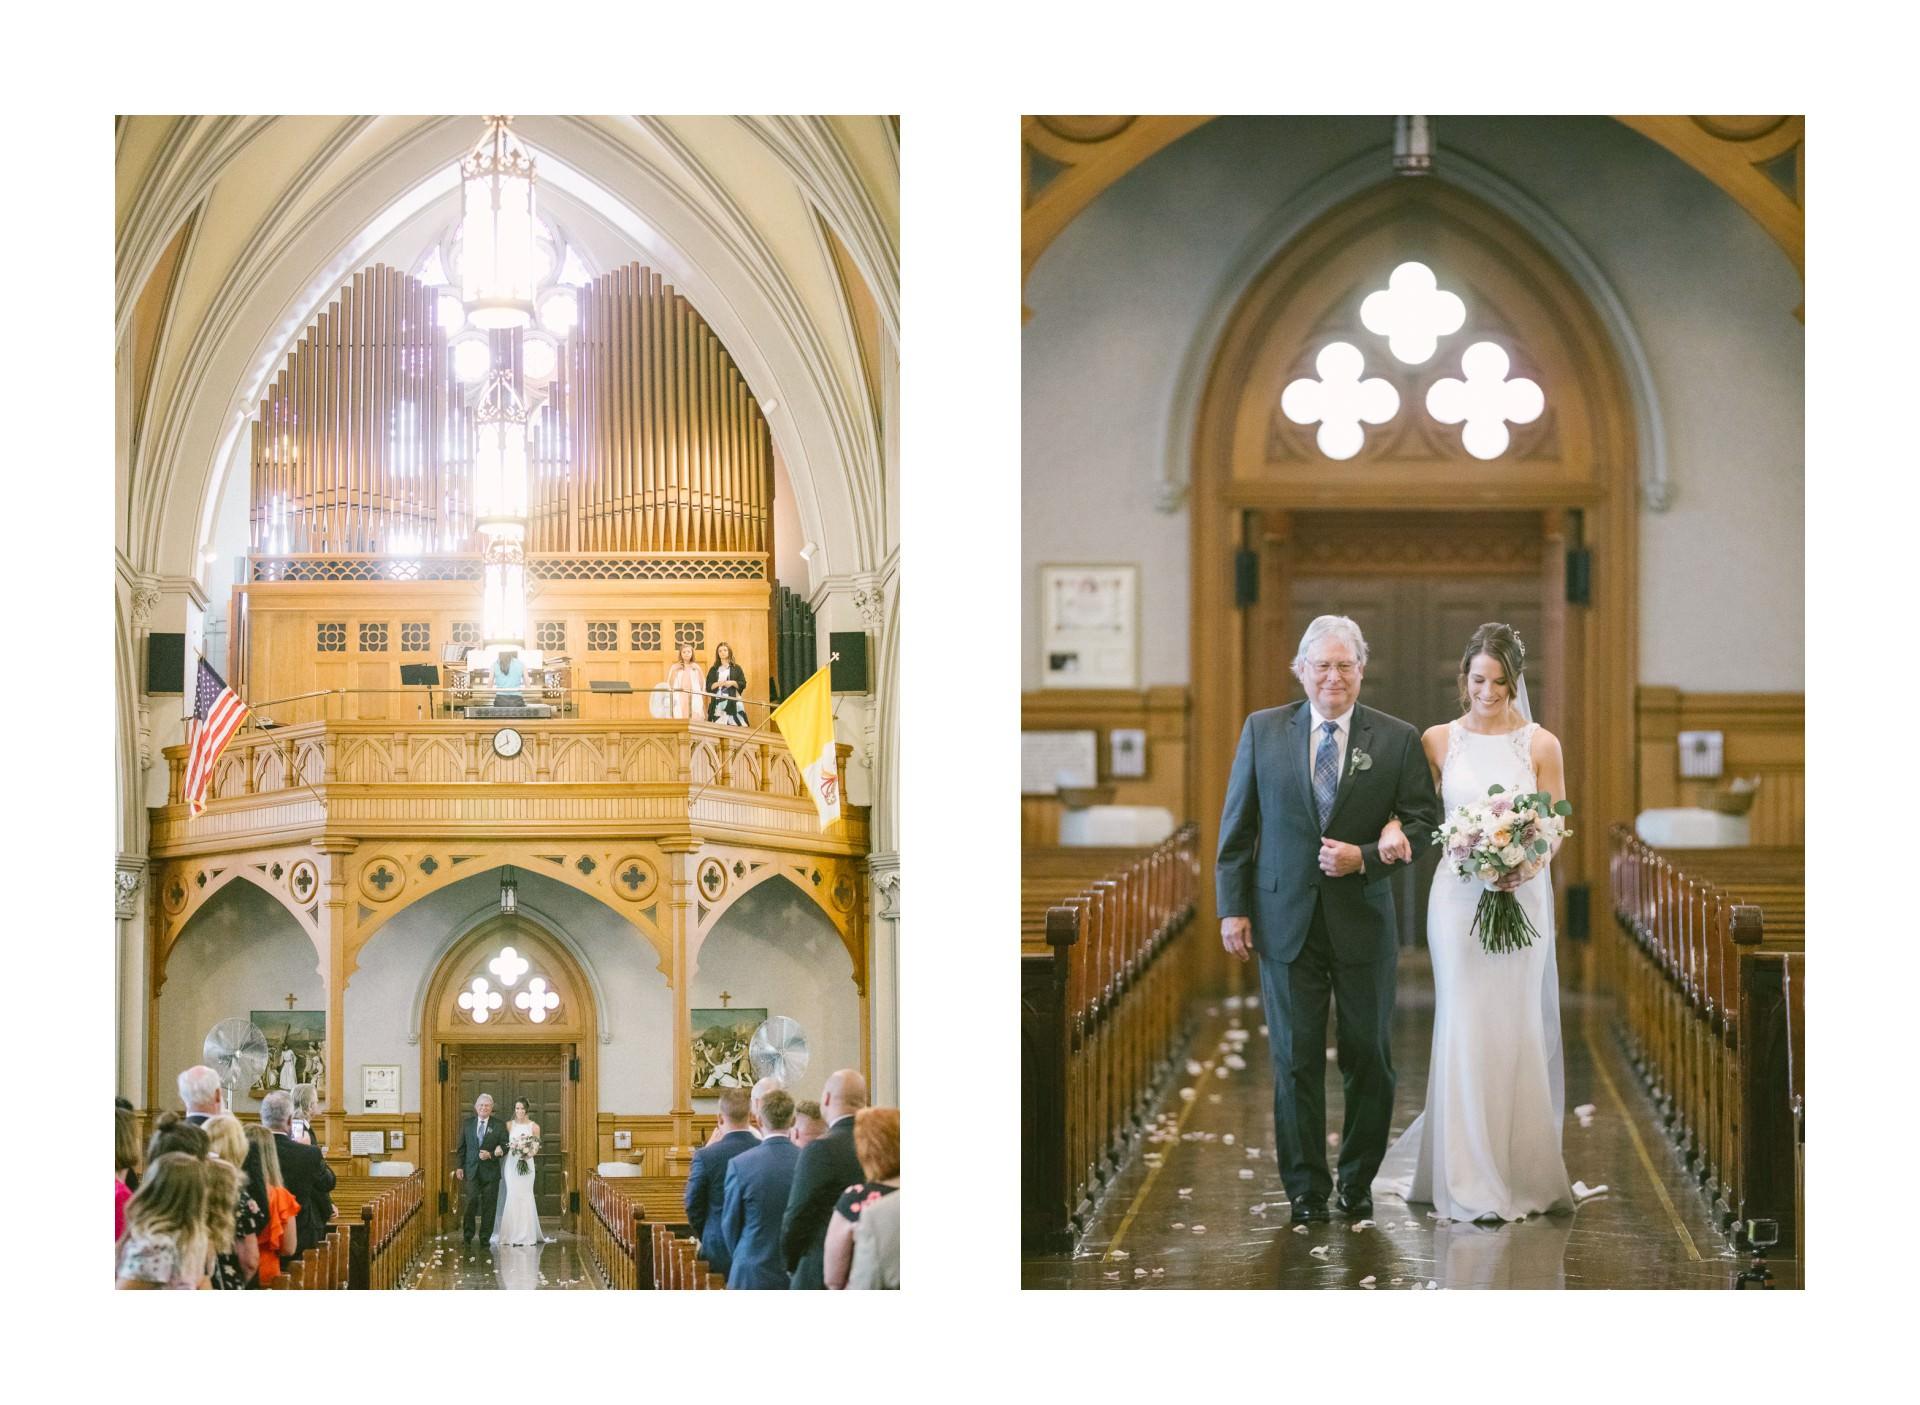 The Madison Wedding Venue Cleveland Wedding Photographer 00138.JPG